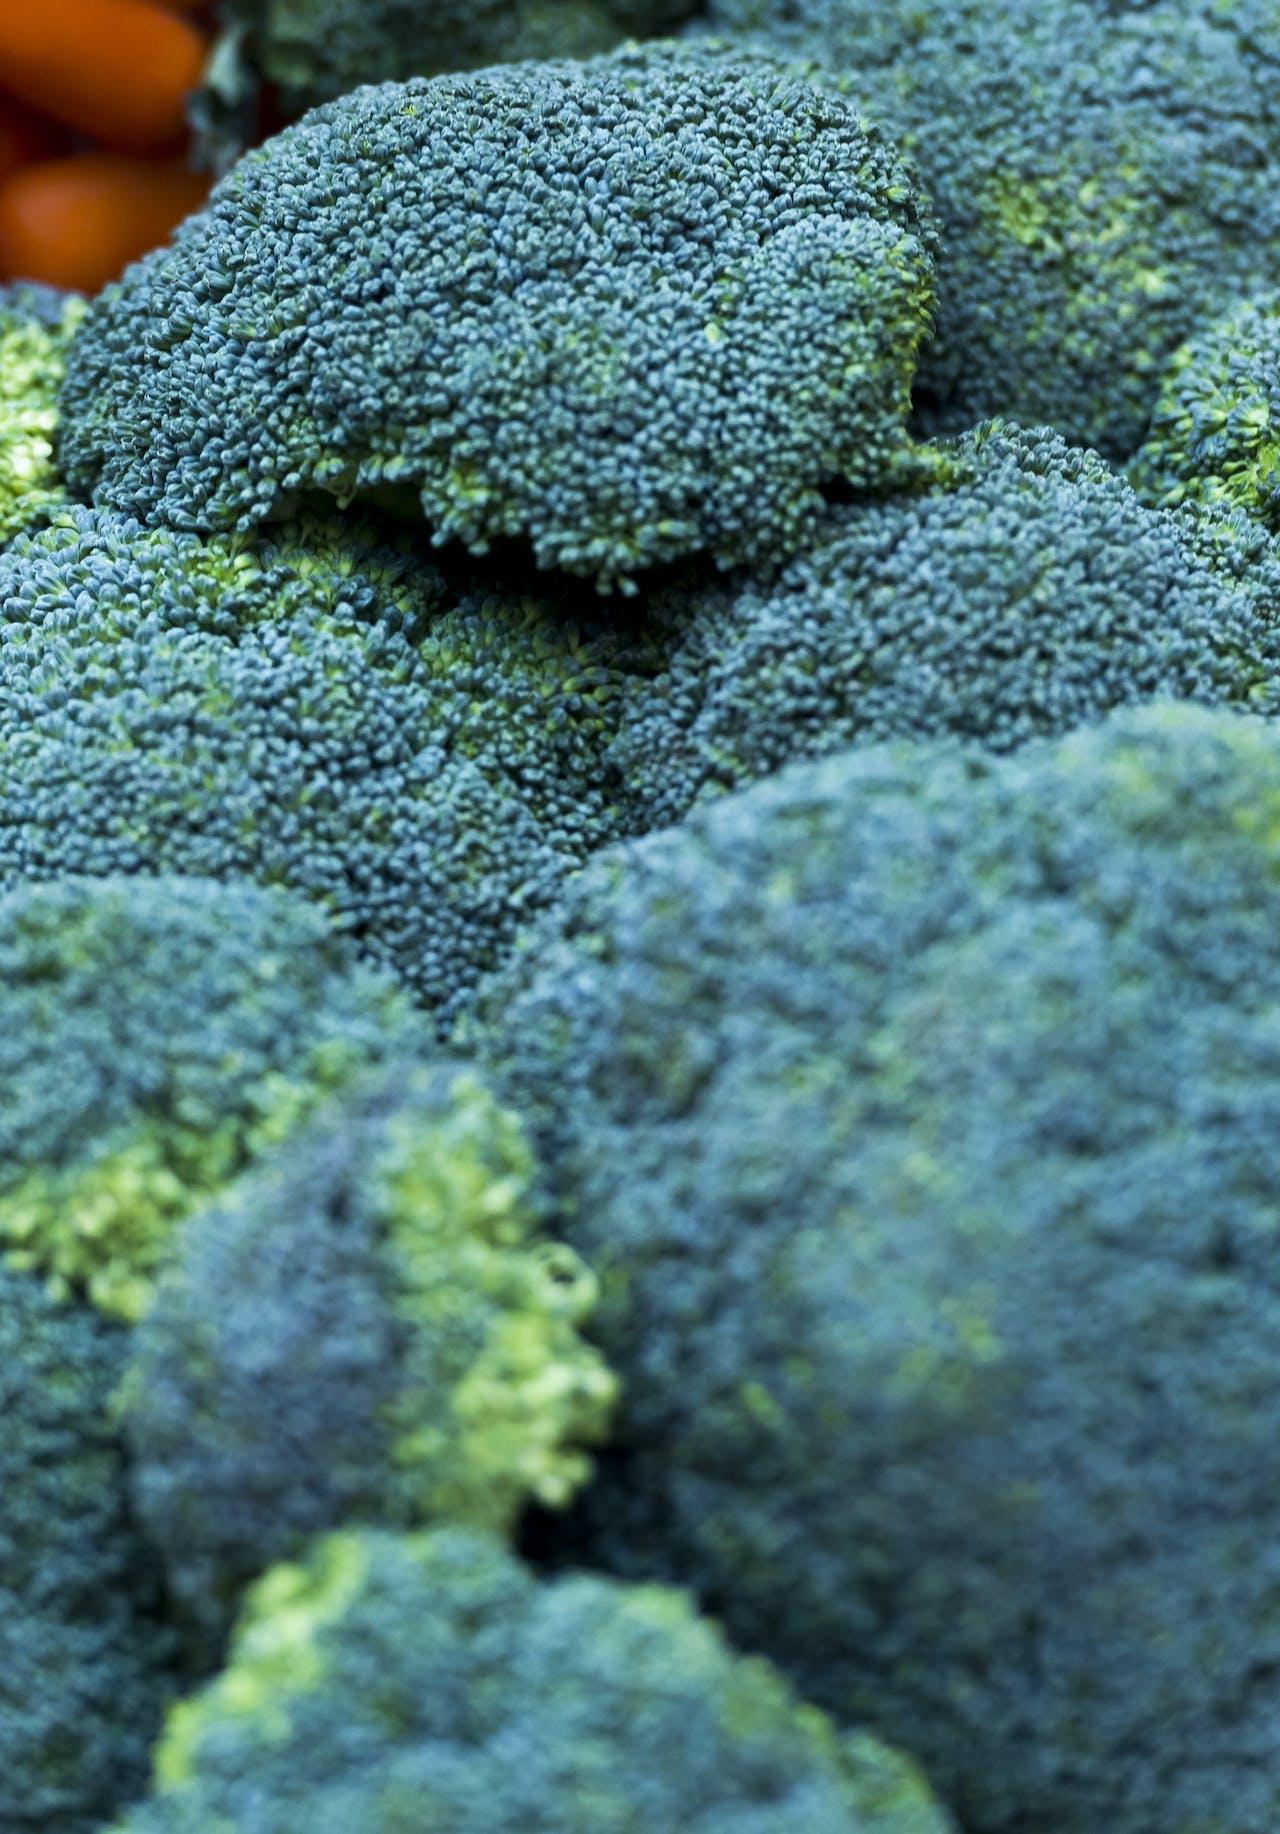 2015-03-26 09:19:36 ROTTERDAM - Broccoli tijdens het groentecongres. Het congres, een gezamenlijk evenement van de zorgsector en de groente en fruitsector, staat in het teken van het belang van groente voor een gezonde leefstijl. ANP XTRA LEX VAN LIESHOUT